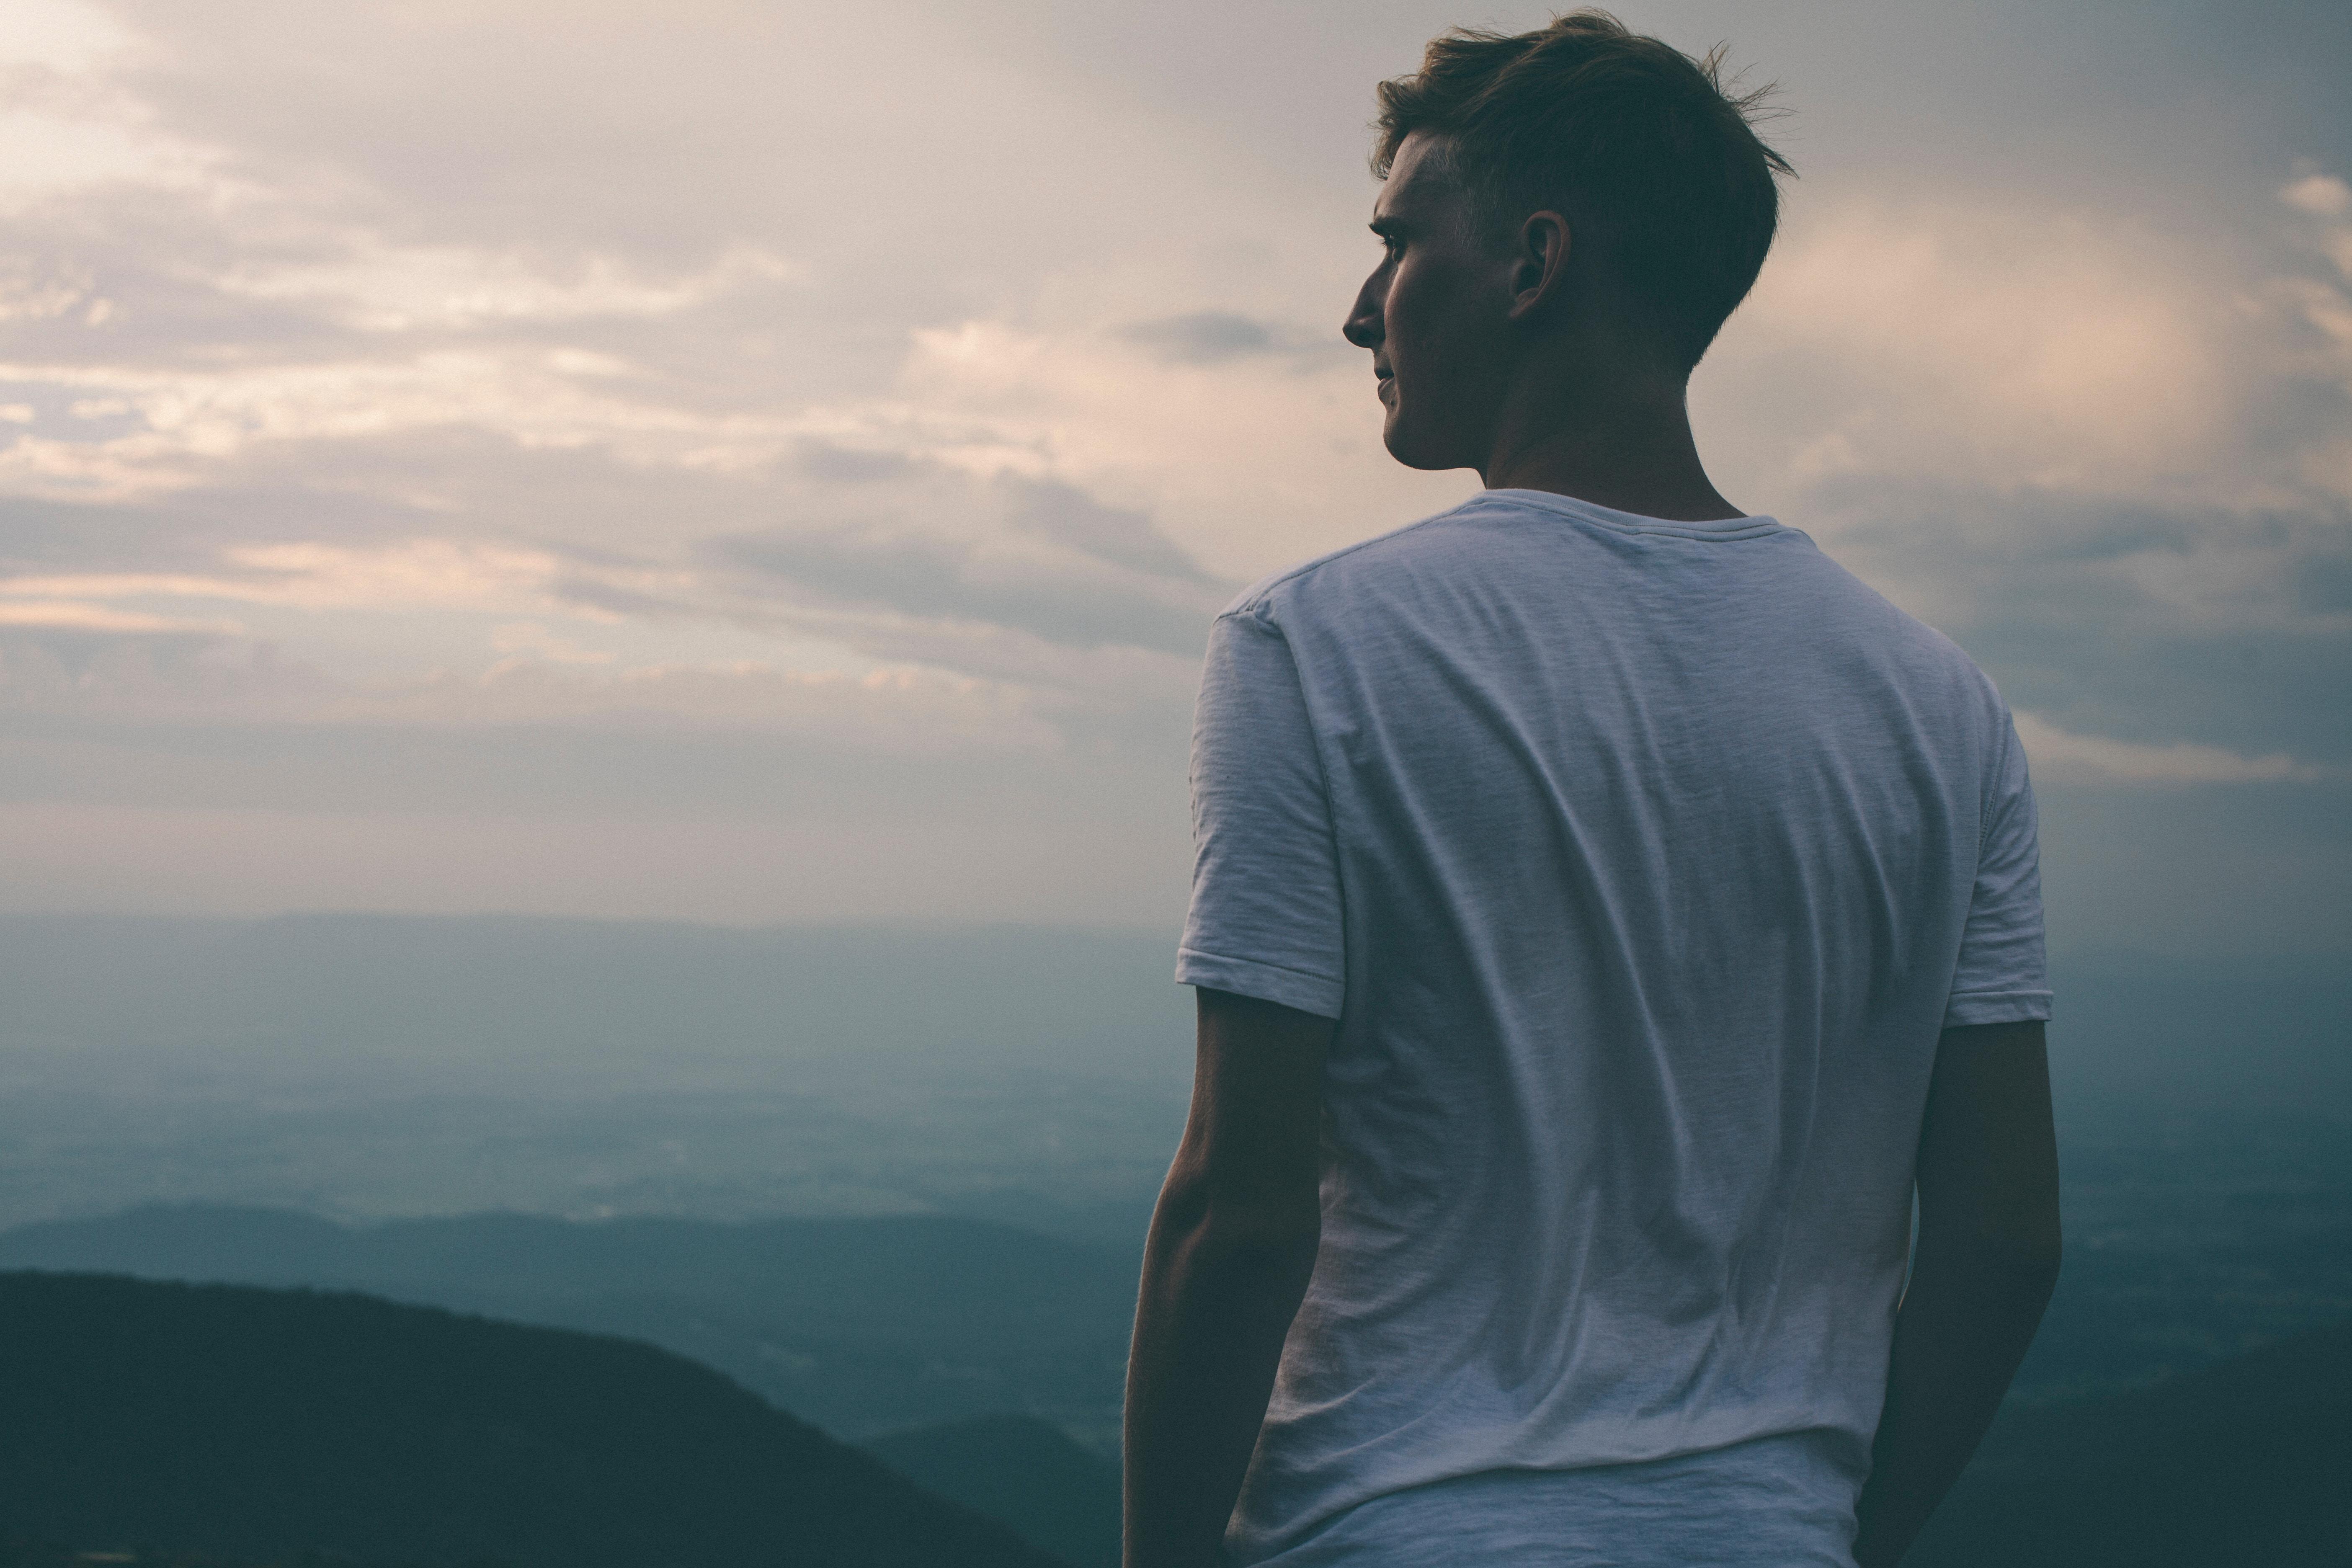 Benessere e Lavoro: il tuo corpo è il tuo tempio, impara a rispettarti